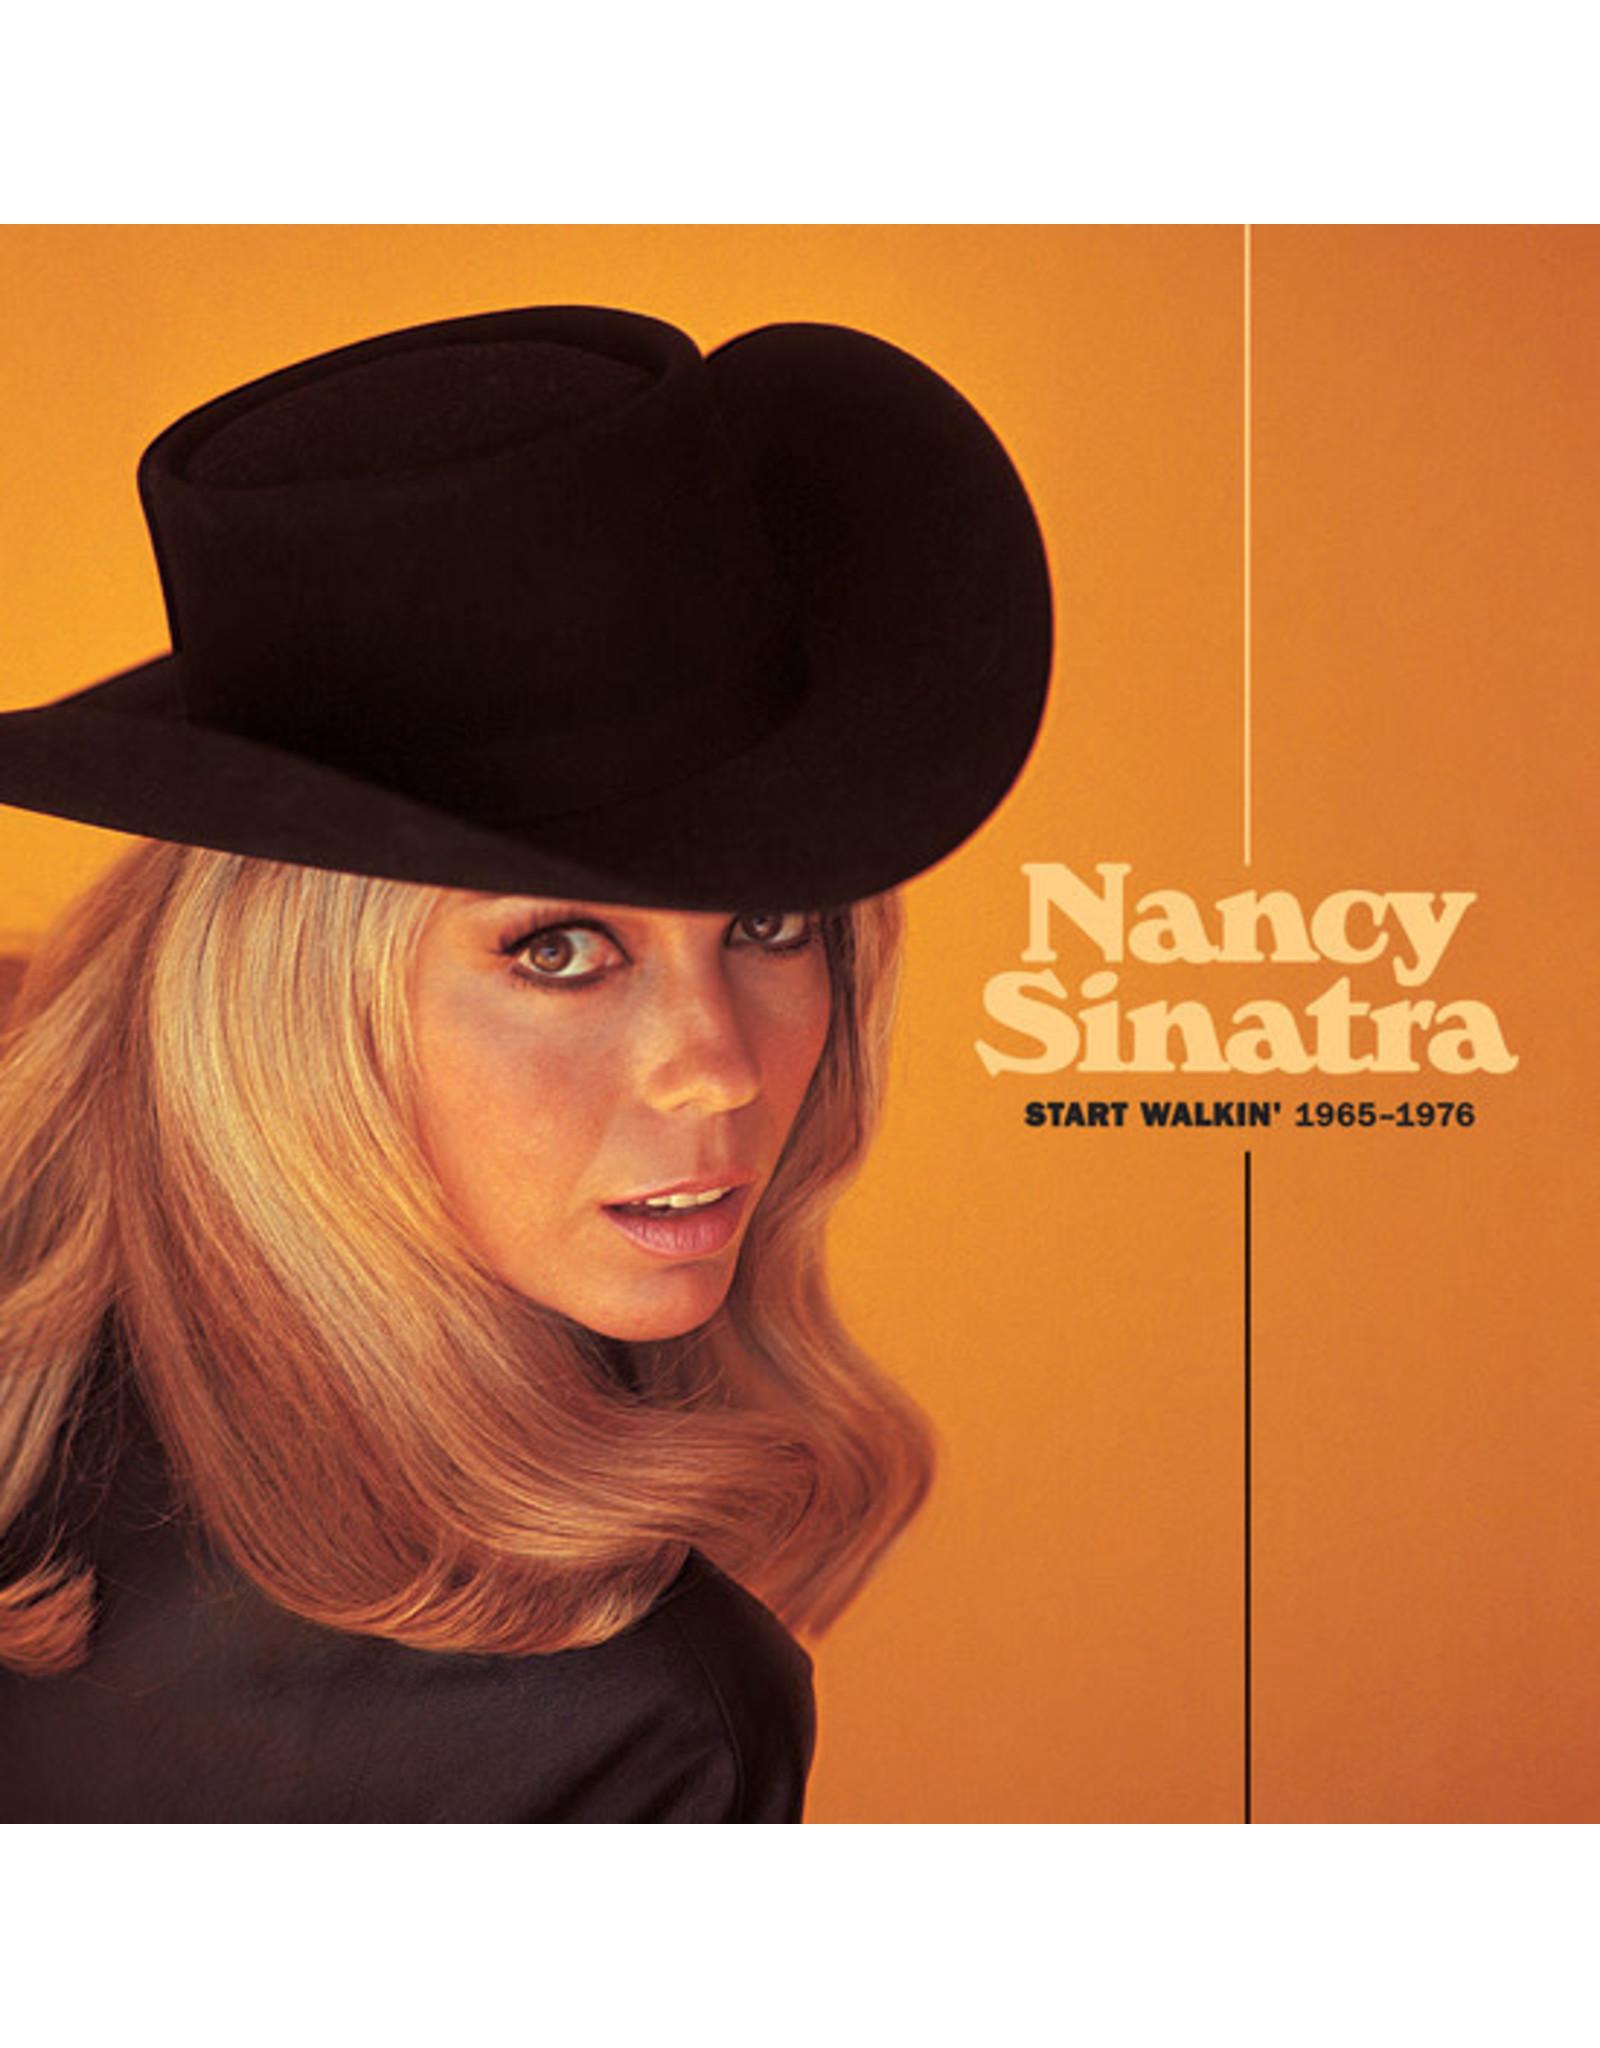 Sinatra, Nancy: Start Walkin' 1965-1976 LP